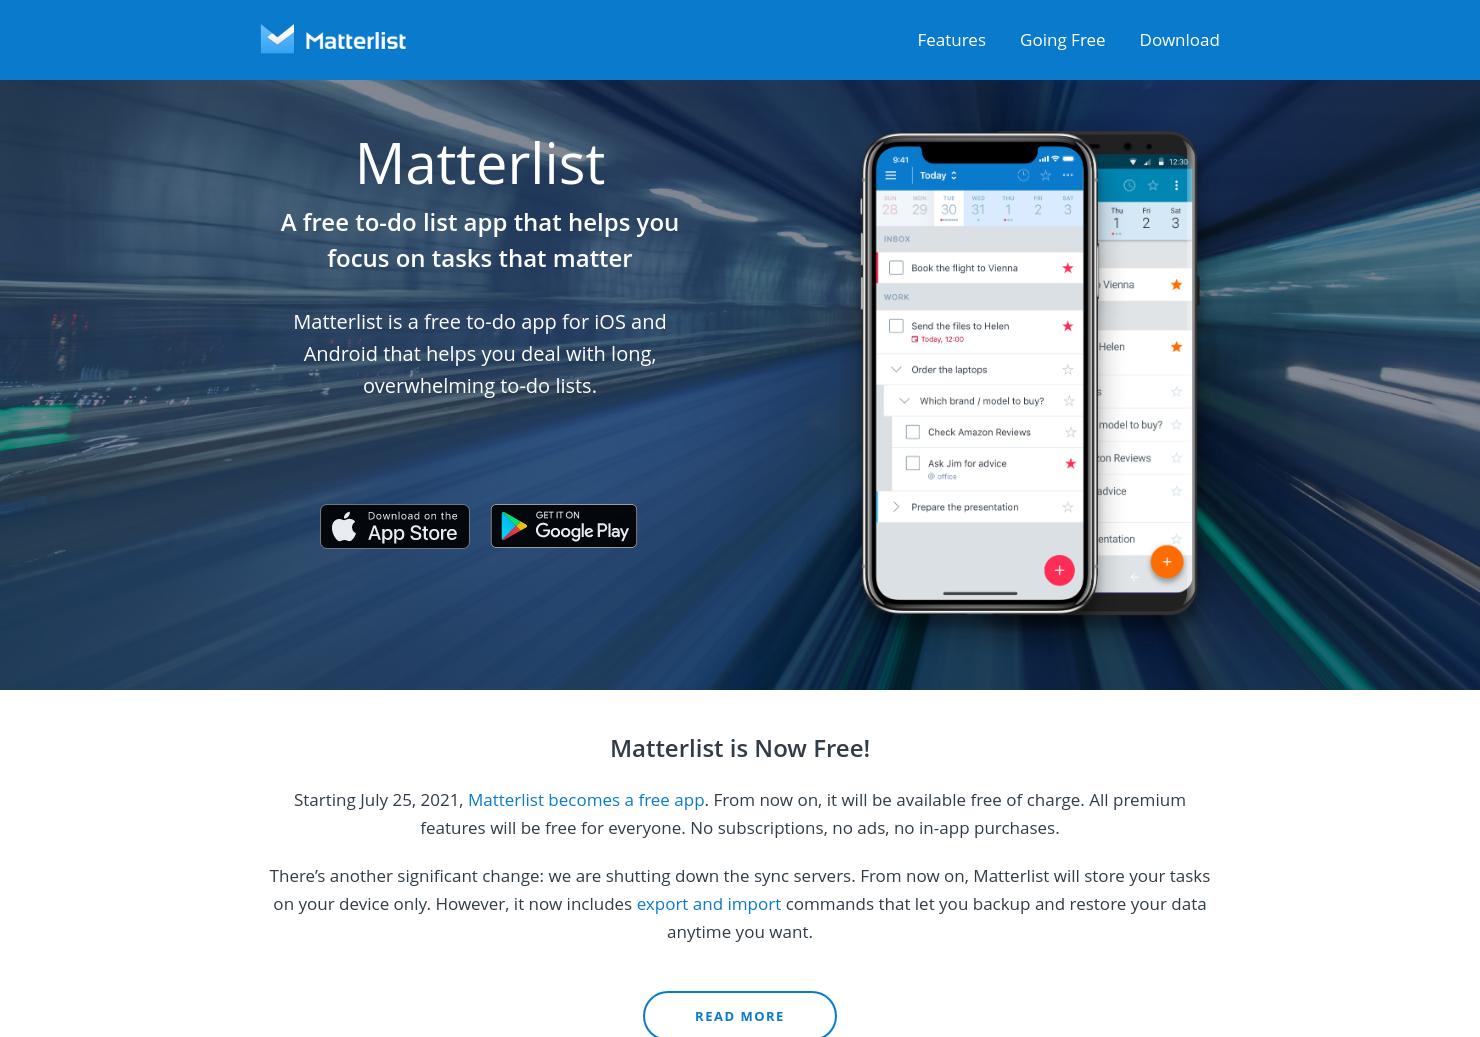 Matterlist